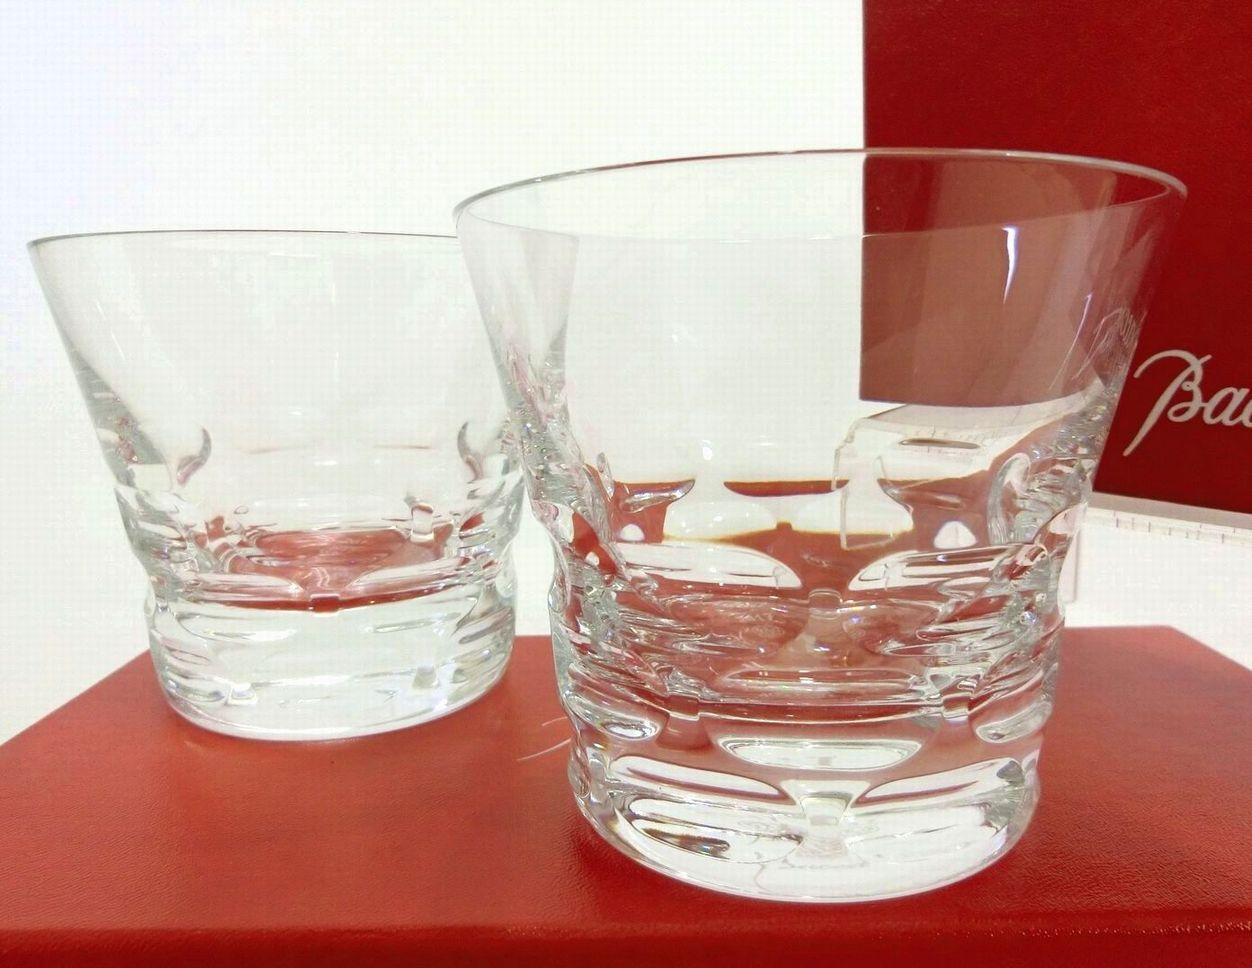 Baccarat・バカラ ペアタンブラーグラス ロックグラス ルチア 2017 イヤーグラス クリスタルグラス おしゃれ 高級ブランド食器 未使用品 送料無料 19-C035